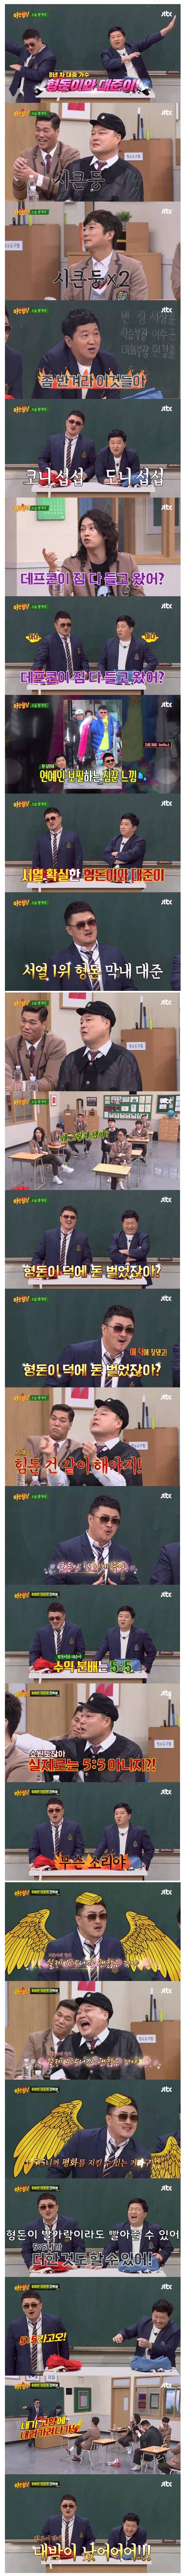 멤버 갑질 논란 터졌는데 아무 문제없는 그룹.jpgif | 인스티즈